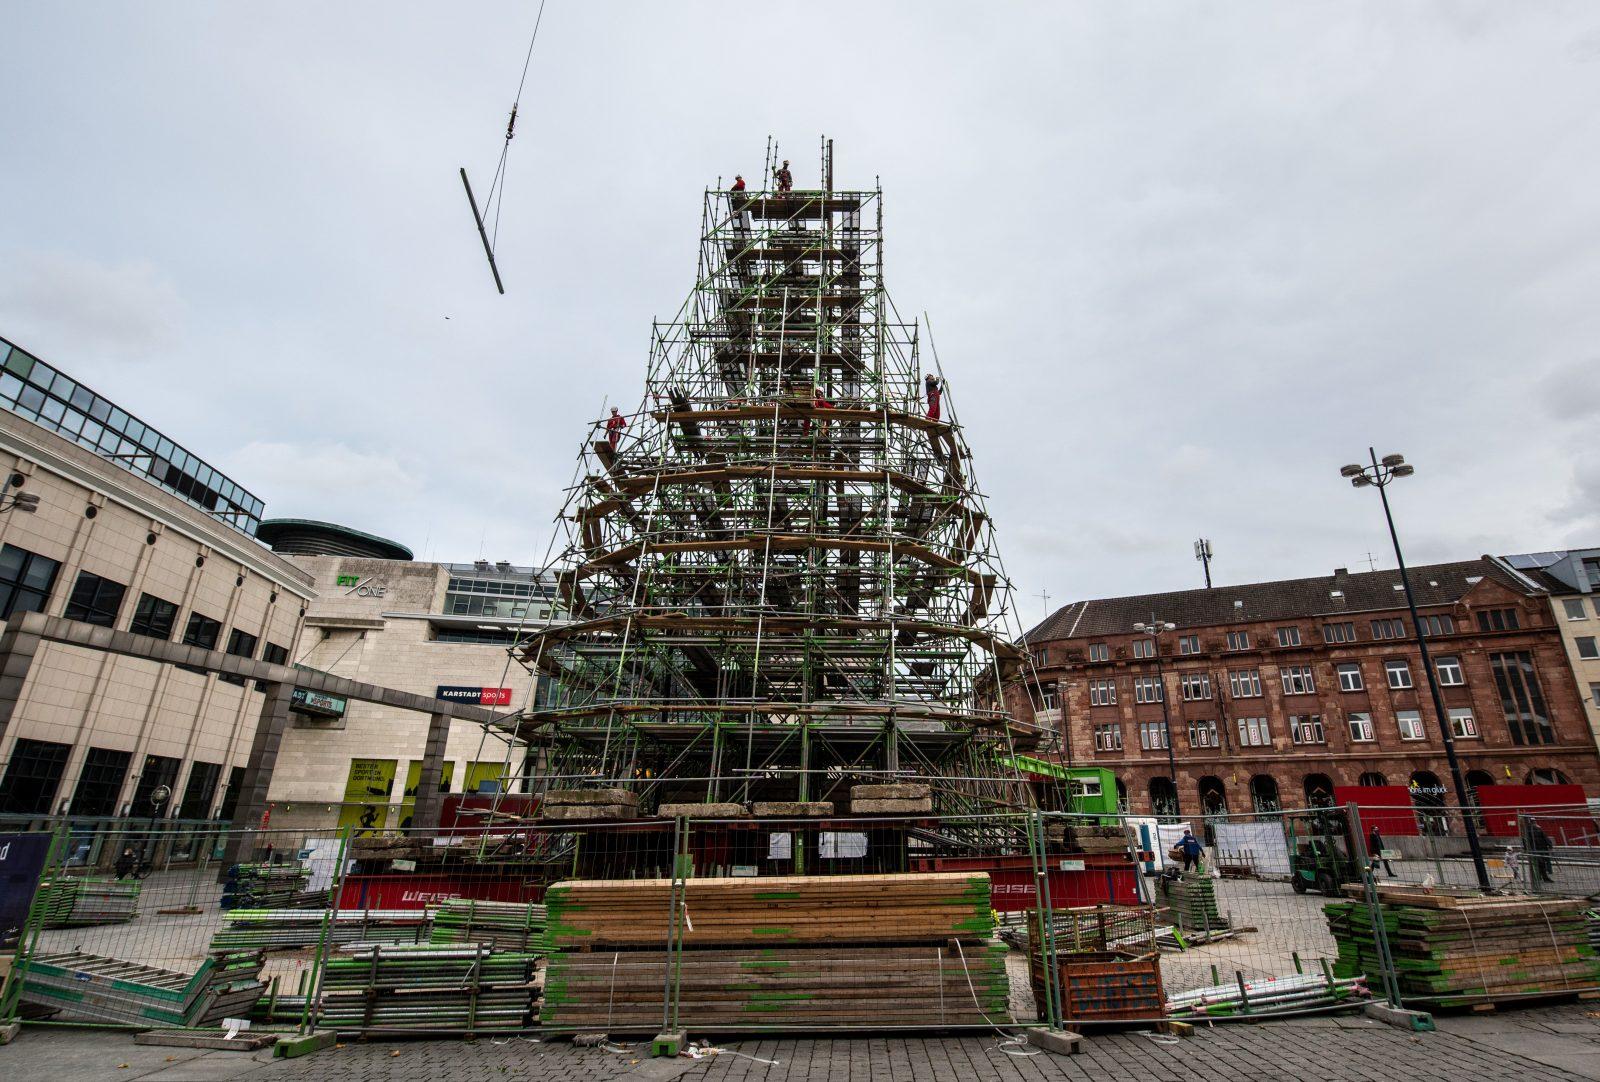 An dem Gerüst sollten die 1.700 Sauerländer Fichten den größten Weihnachtsbaum der Welt bilden Foto: picture alliance/Bernd Thissen/dpa